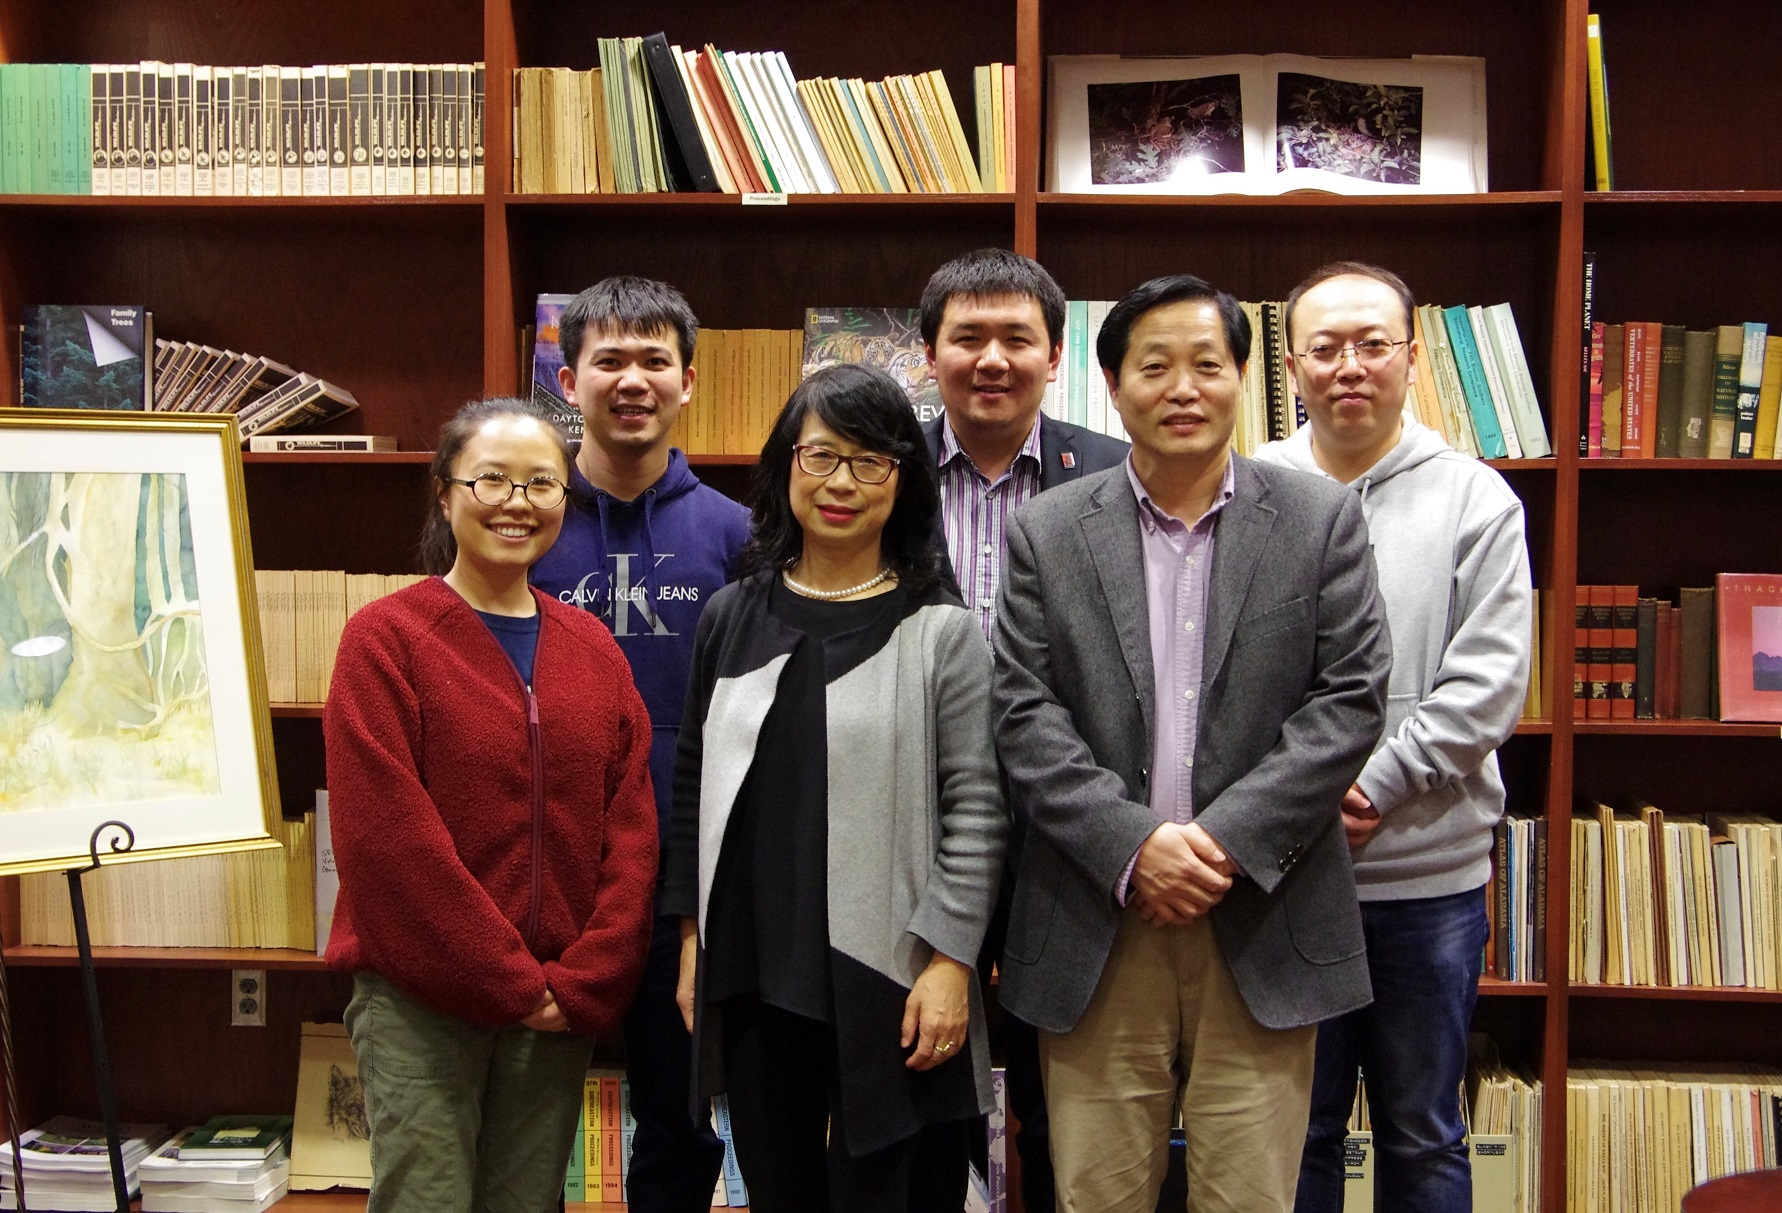 front row from left, Rongting Xu, Shufen Pan, Hanqin Tian, and, back row from left, Naiqing Pan, Yuanzhi Yao and Hao Shi.